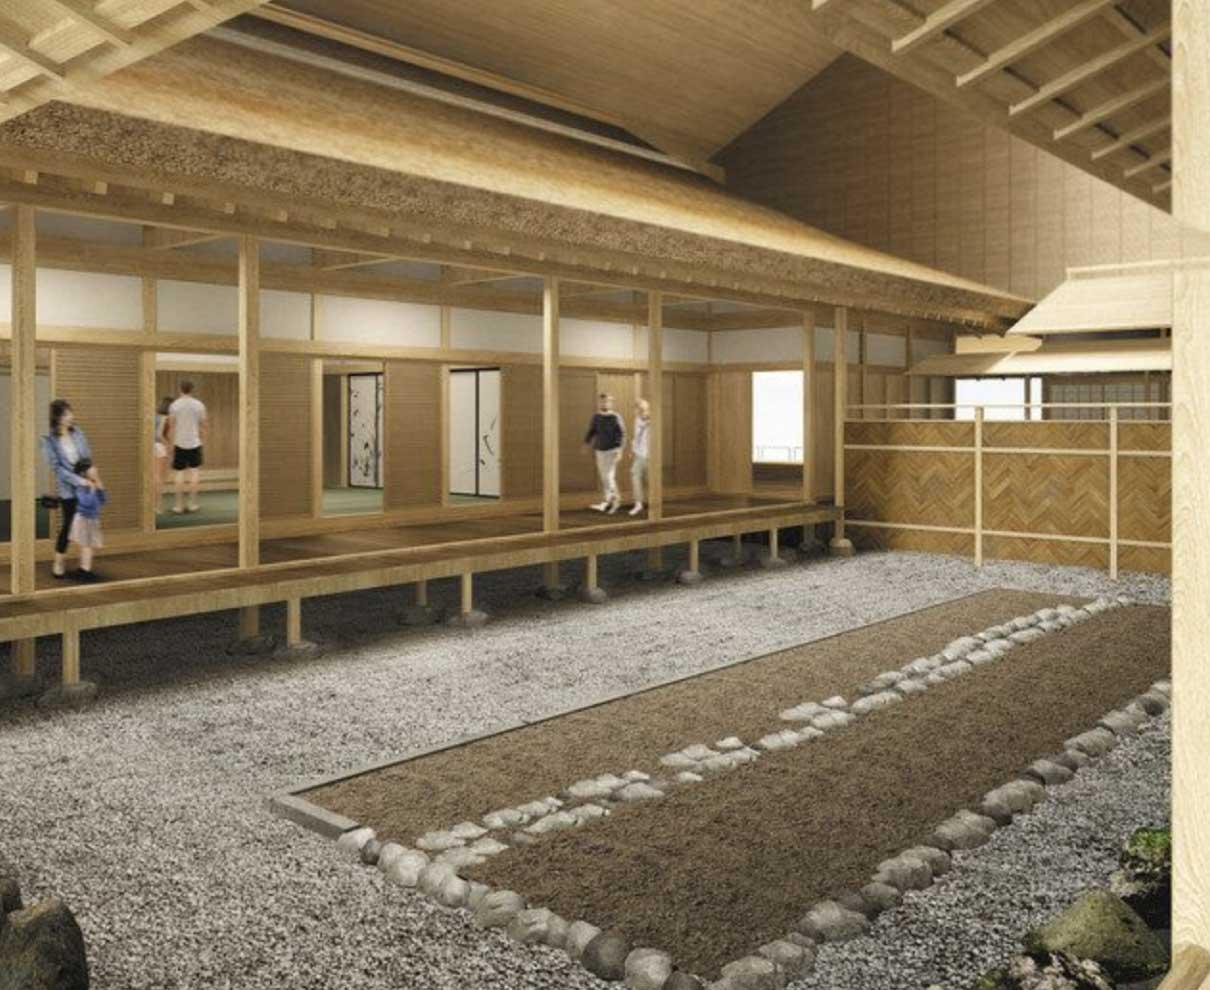 朝倉氏遺跡ファン待望、博物館開館へ 10月にPRイベント